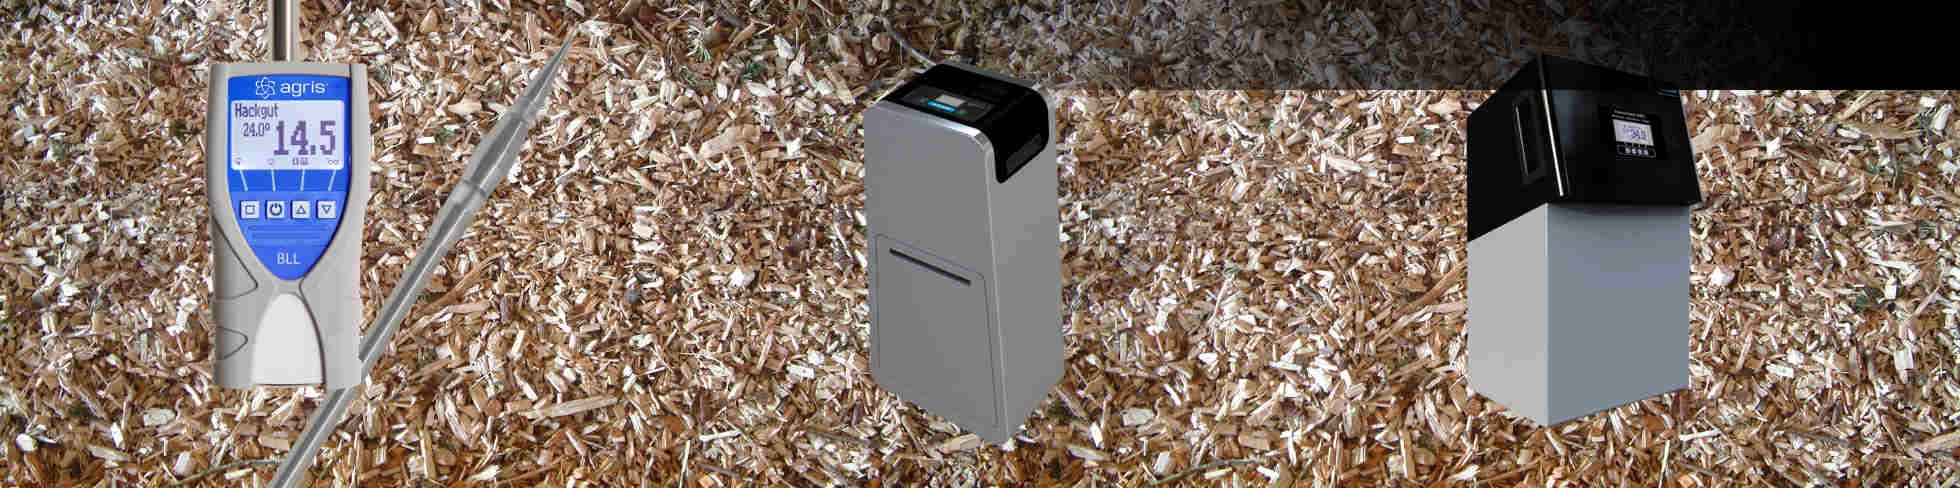 Feuchtemesser für Biomasse